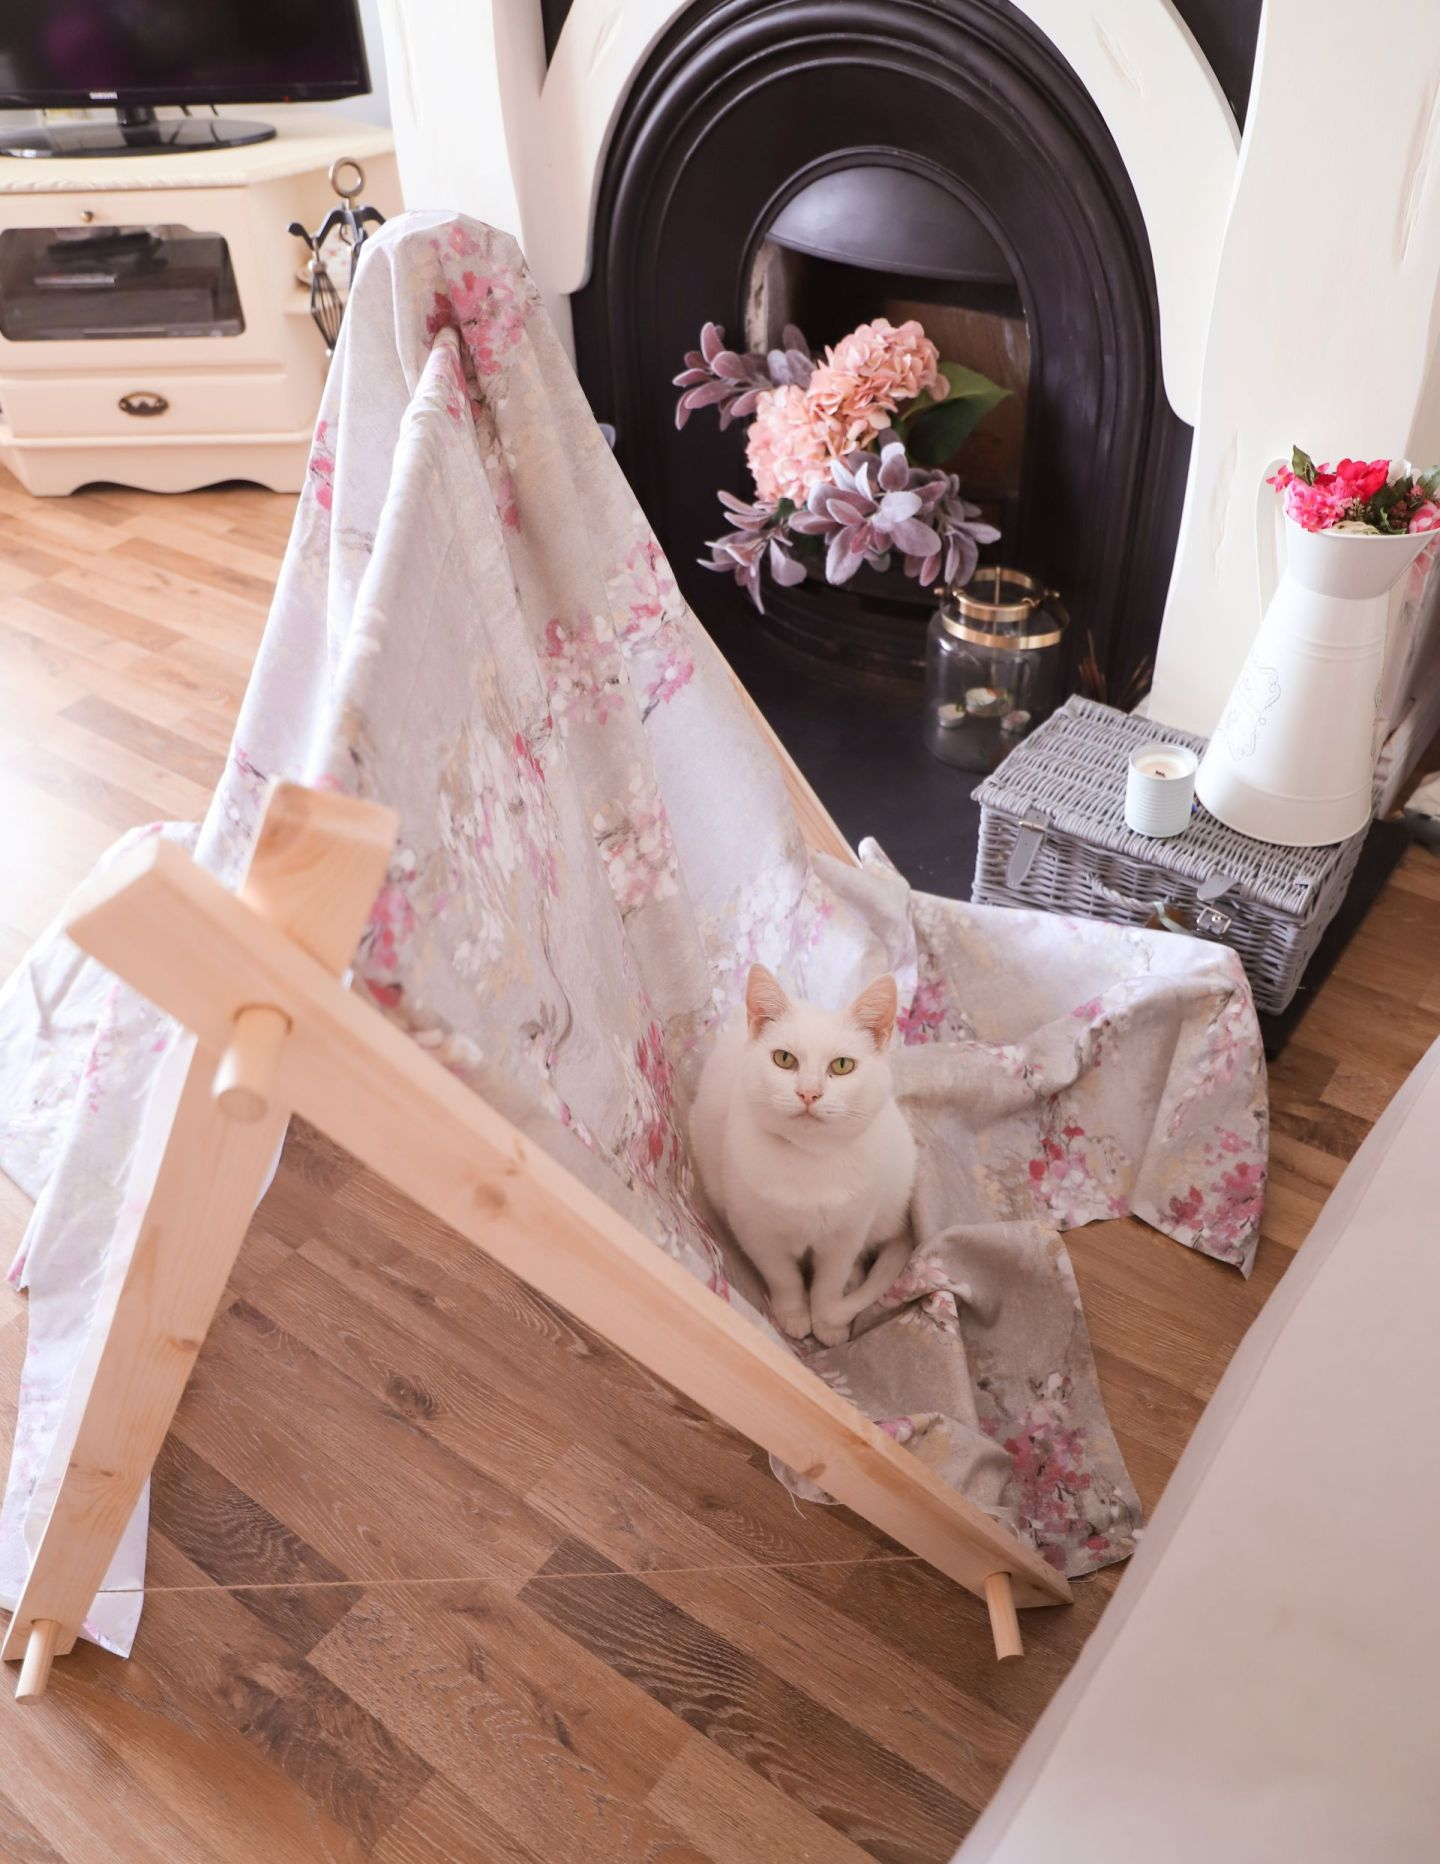 Pet DIY's, How to sew a cat collar and pet tent